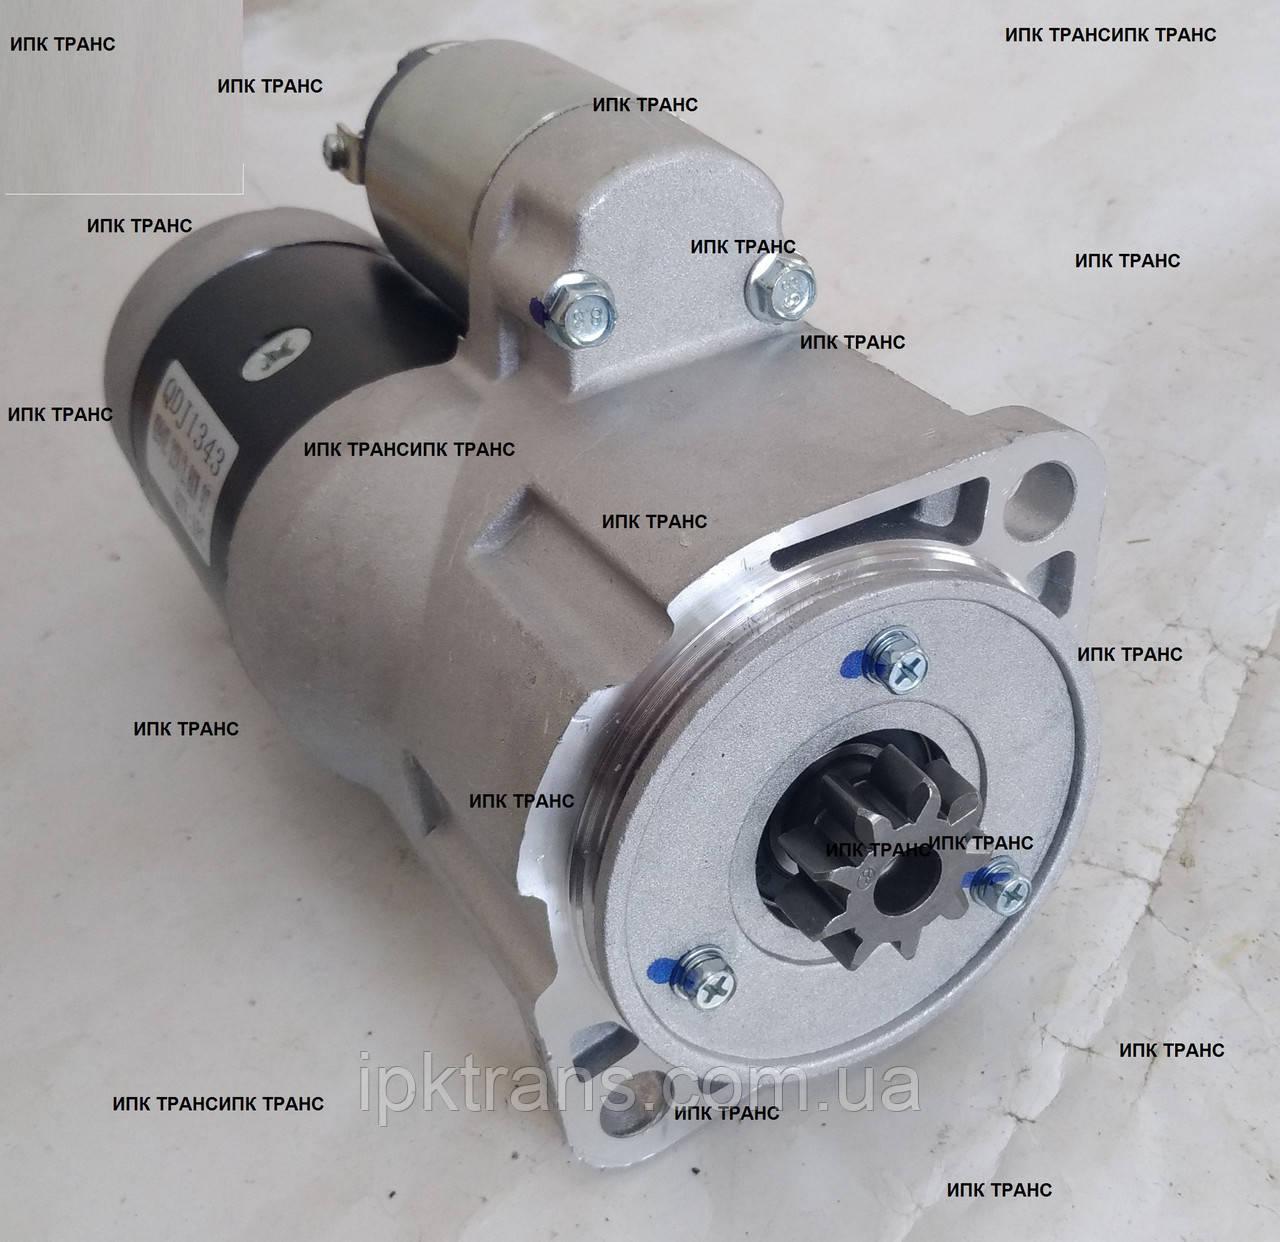 Стартер двигателя Yanmar 4TNE98 (YM12990077010)